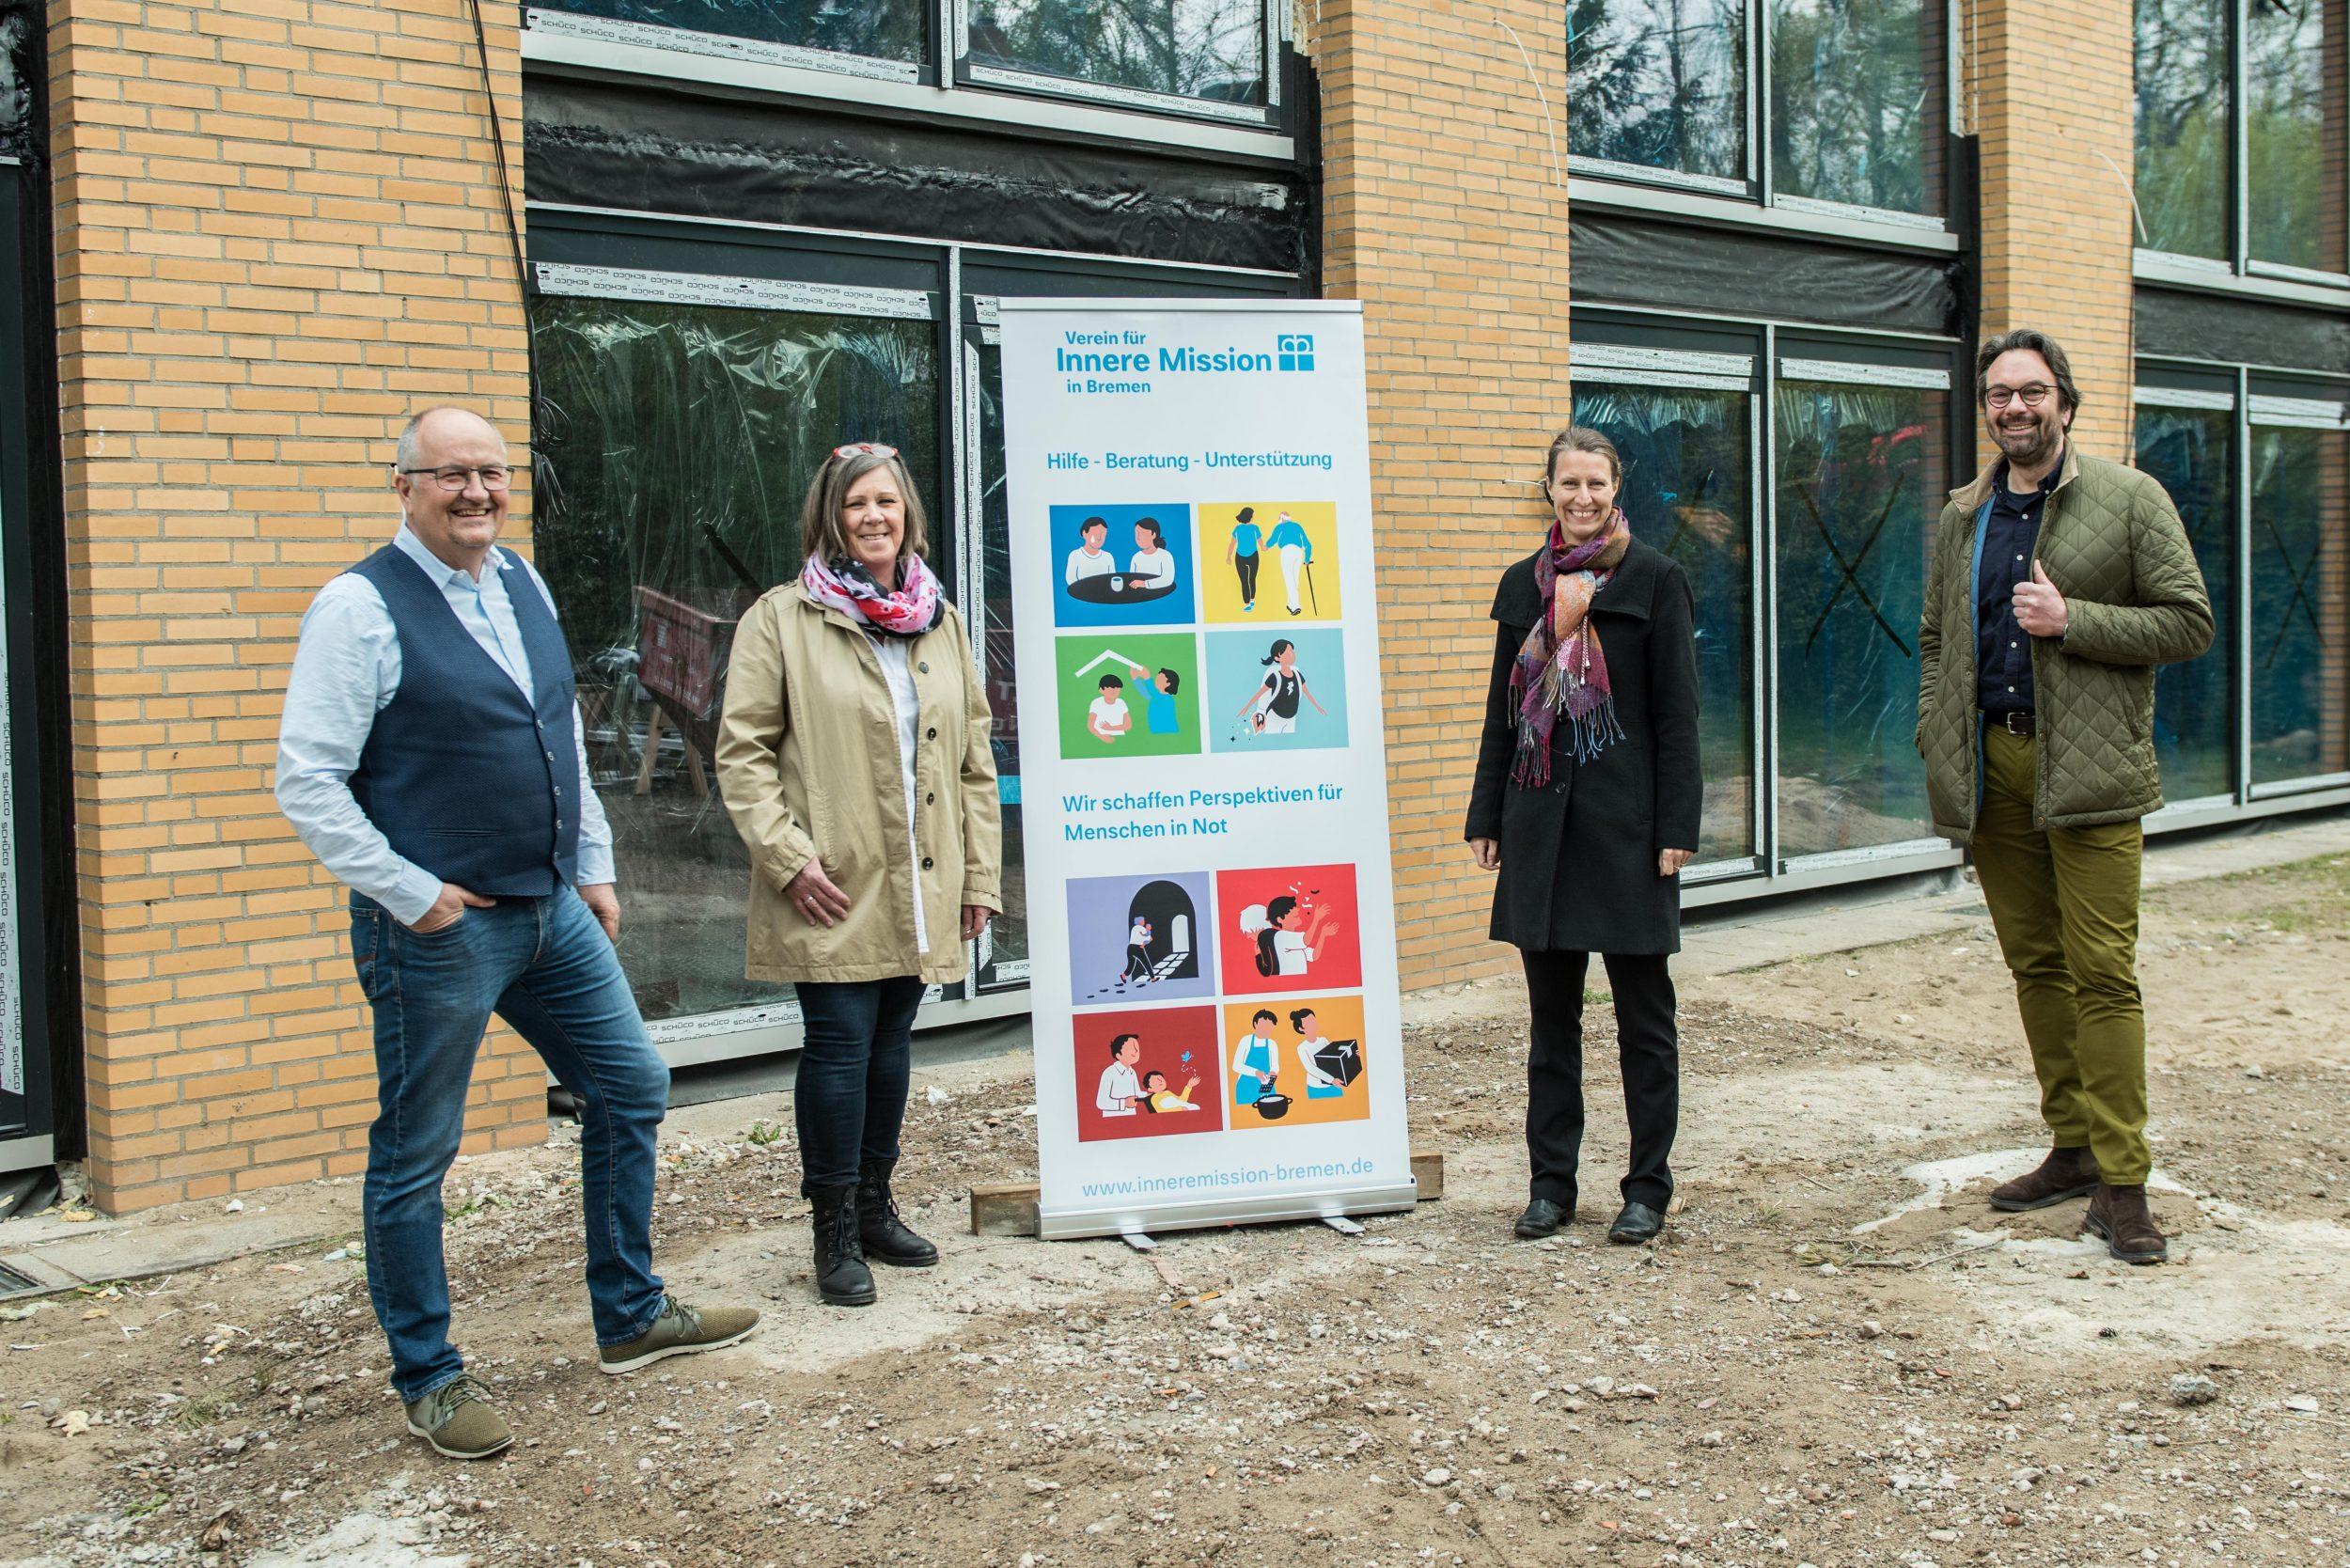 Rolf Klauner, Irene Müller, Pastorin Saskia Schultheis und Habbo Stark